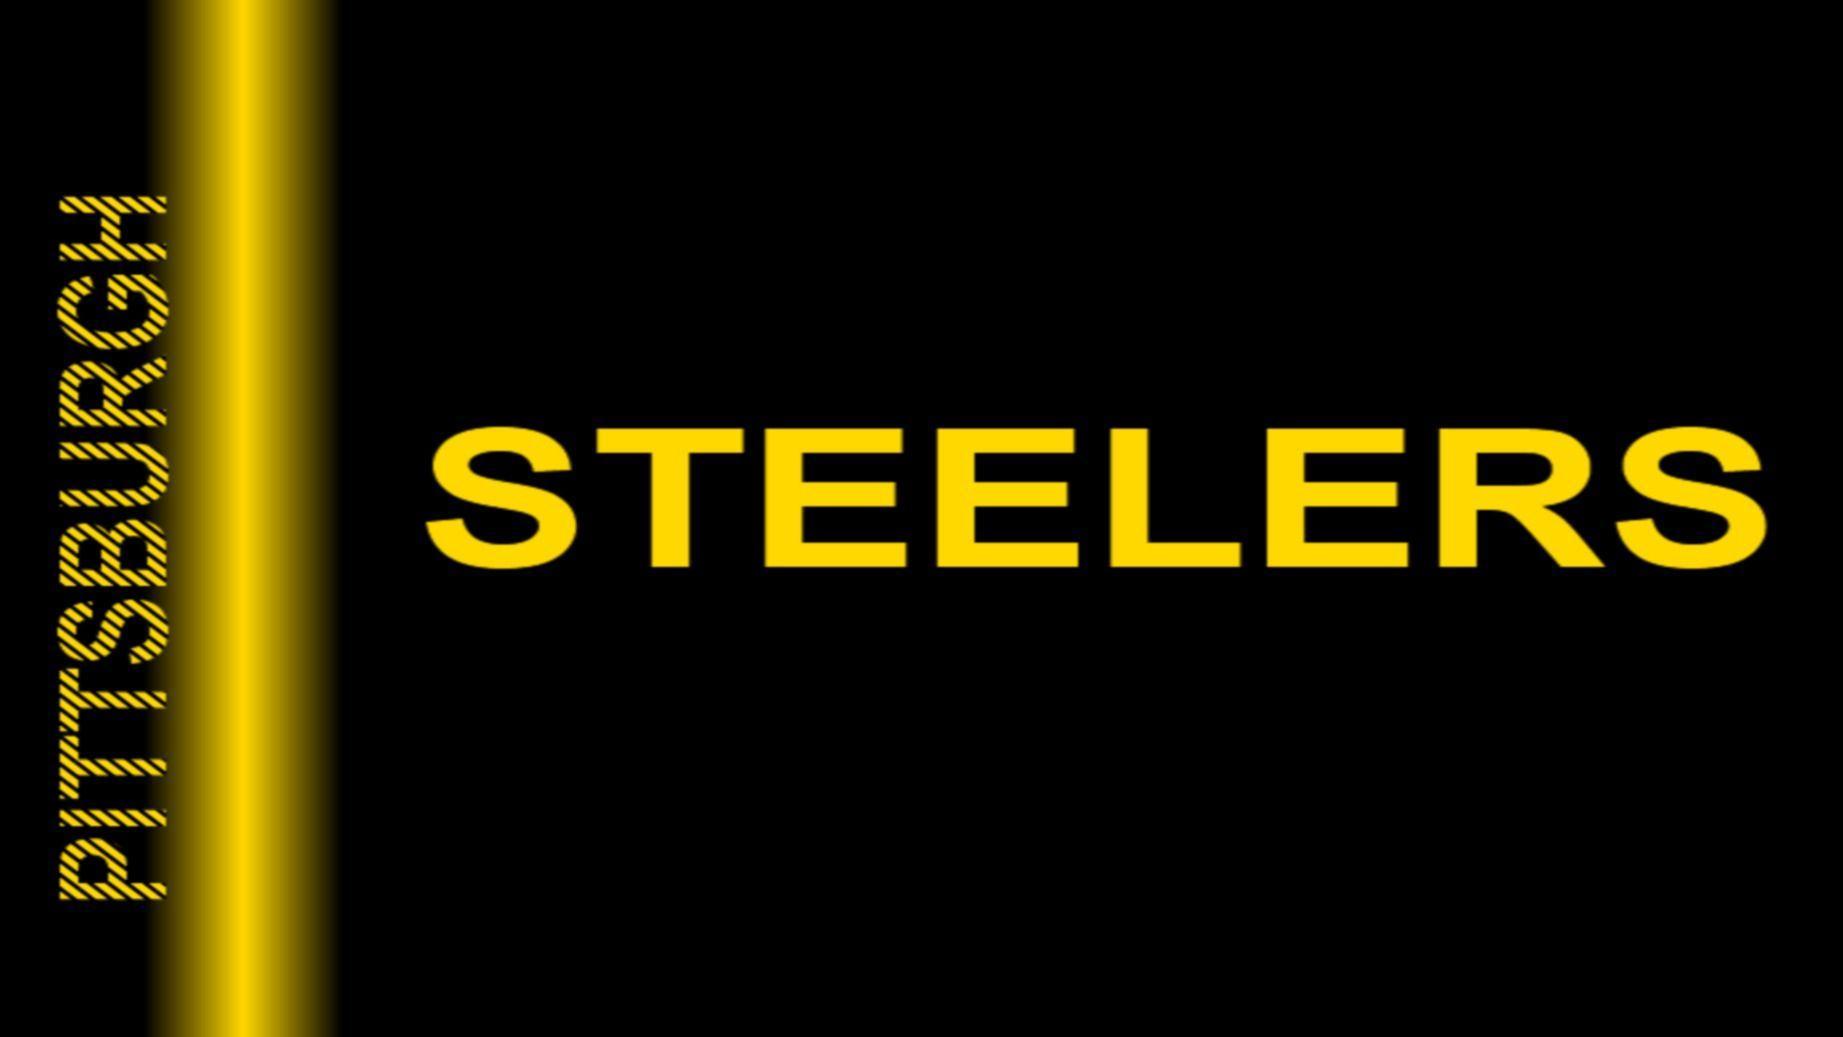 Steelers Logo Wallpapers Top Free Steelers Logo